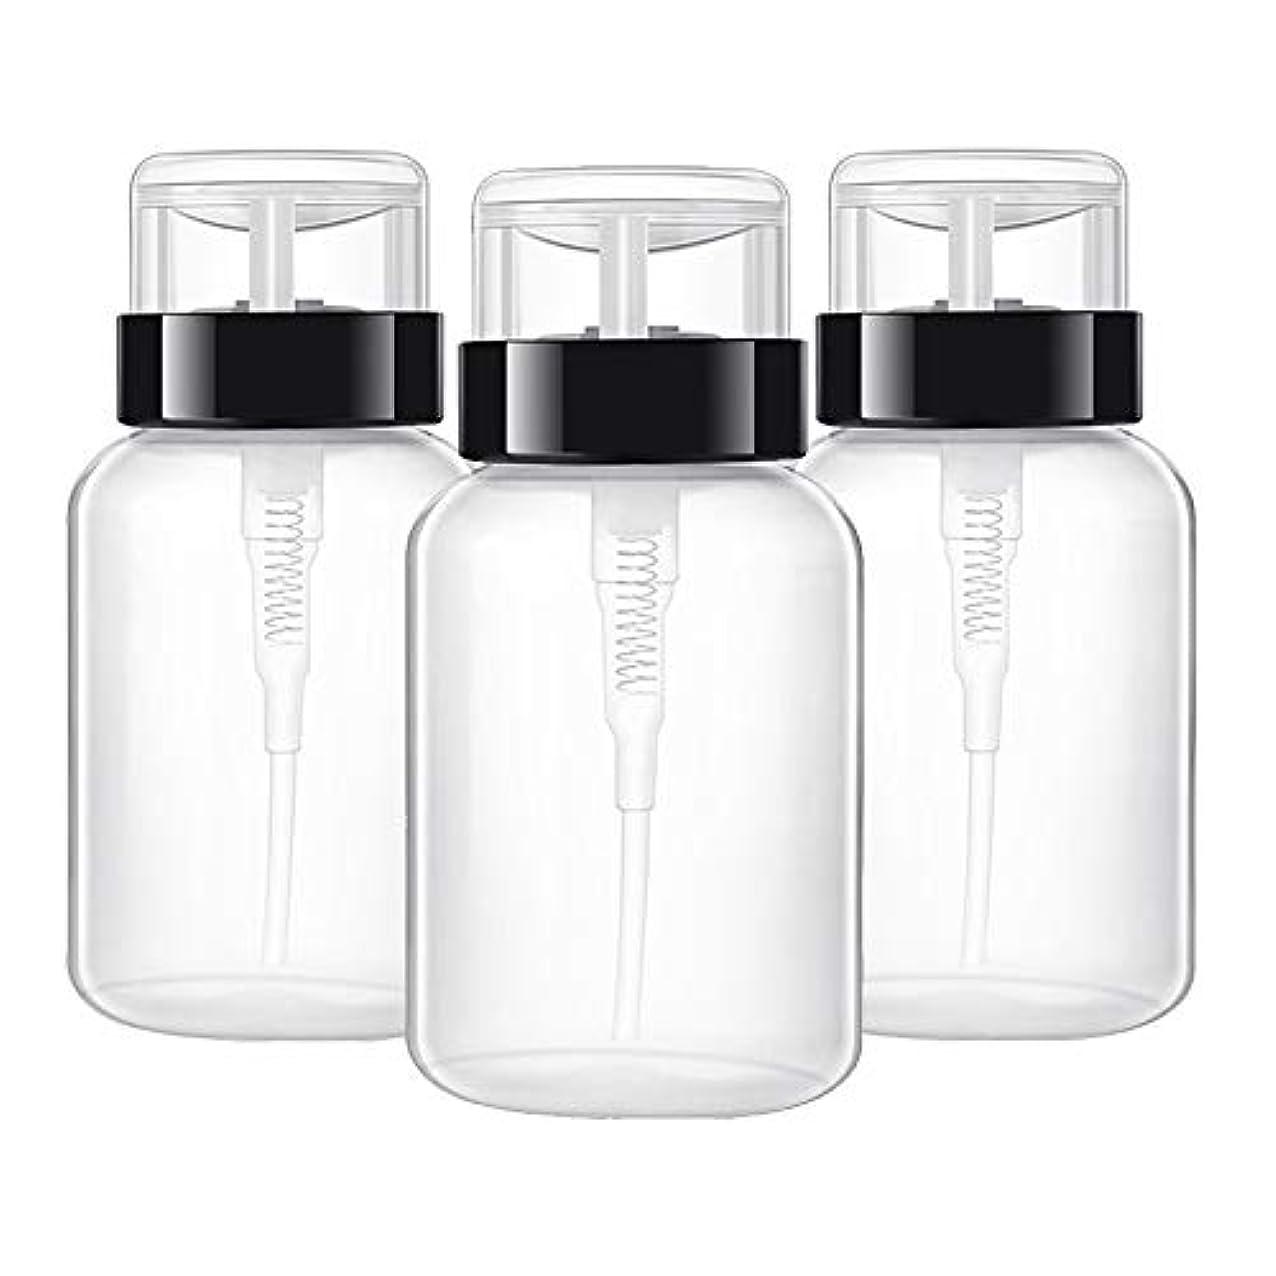 冷酷な人に関する限り強いマニキュアツールツール 空ポンプ ボトル ネイルクリーナーボトル ポンプディスペンサー ジェルクリーナー 200ミリリットル 3ピース